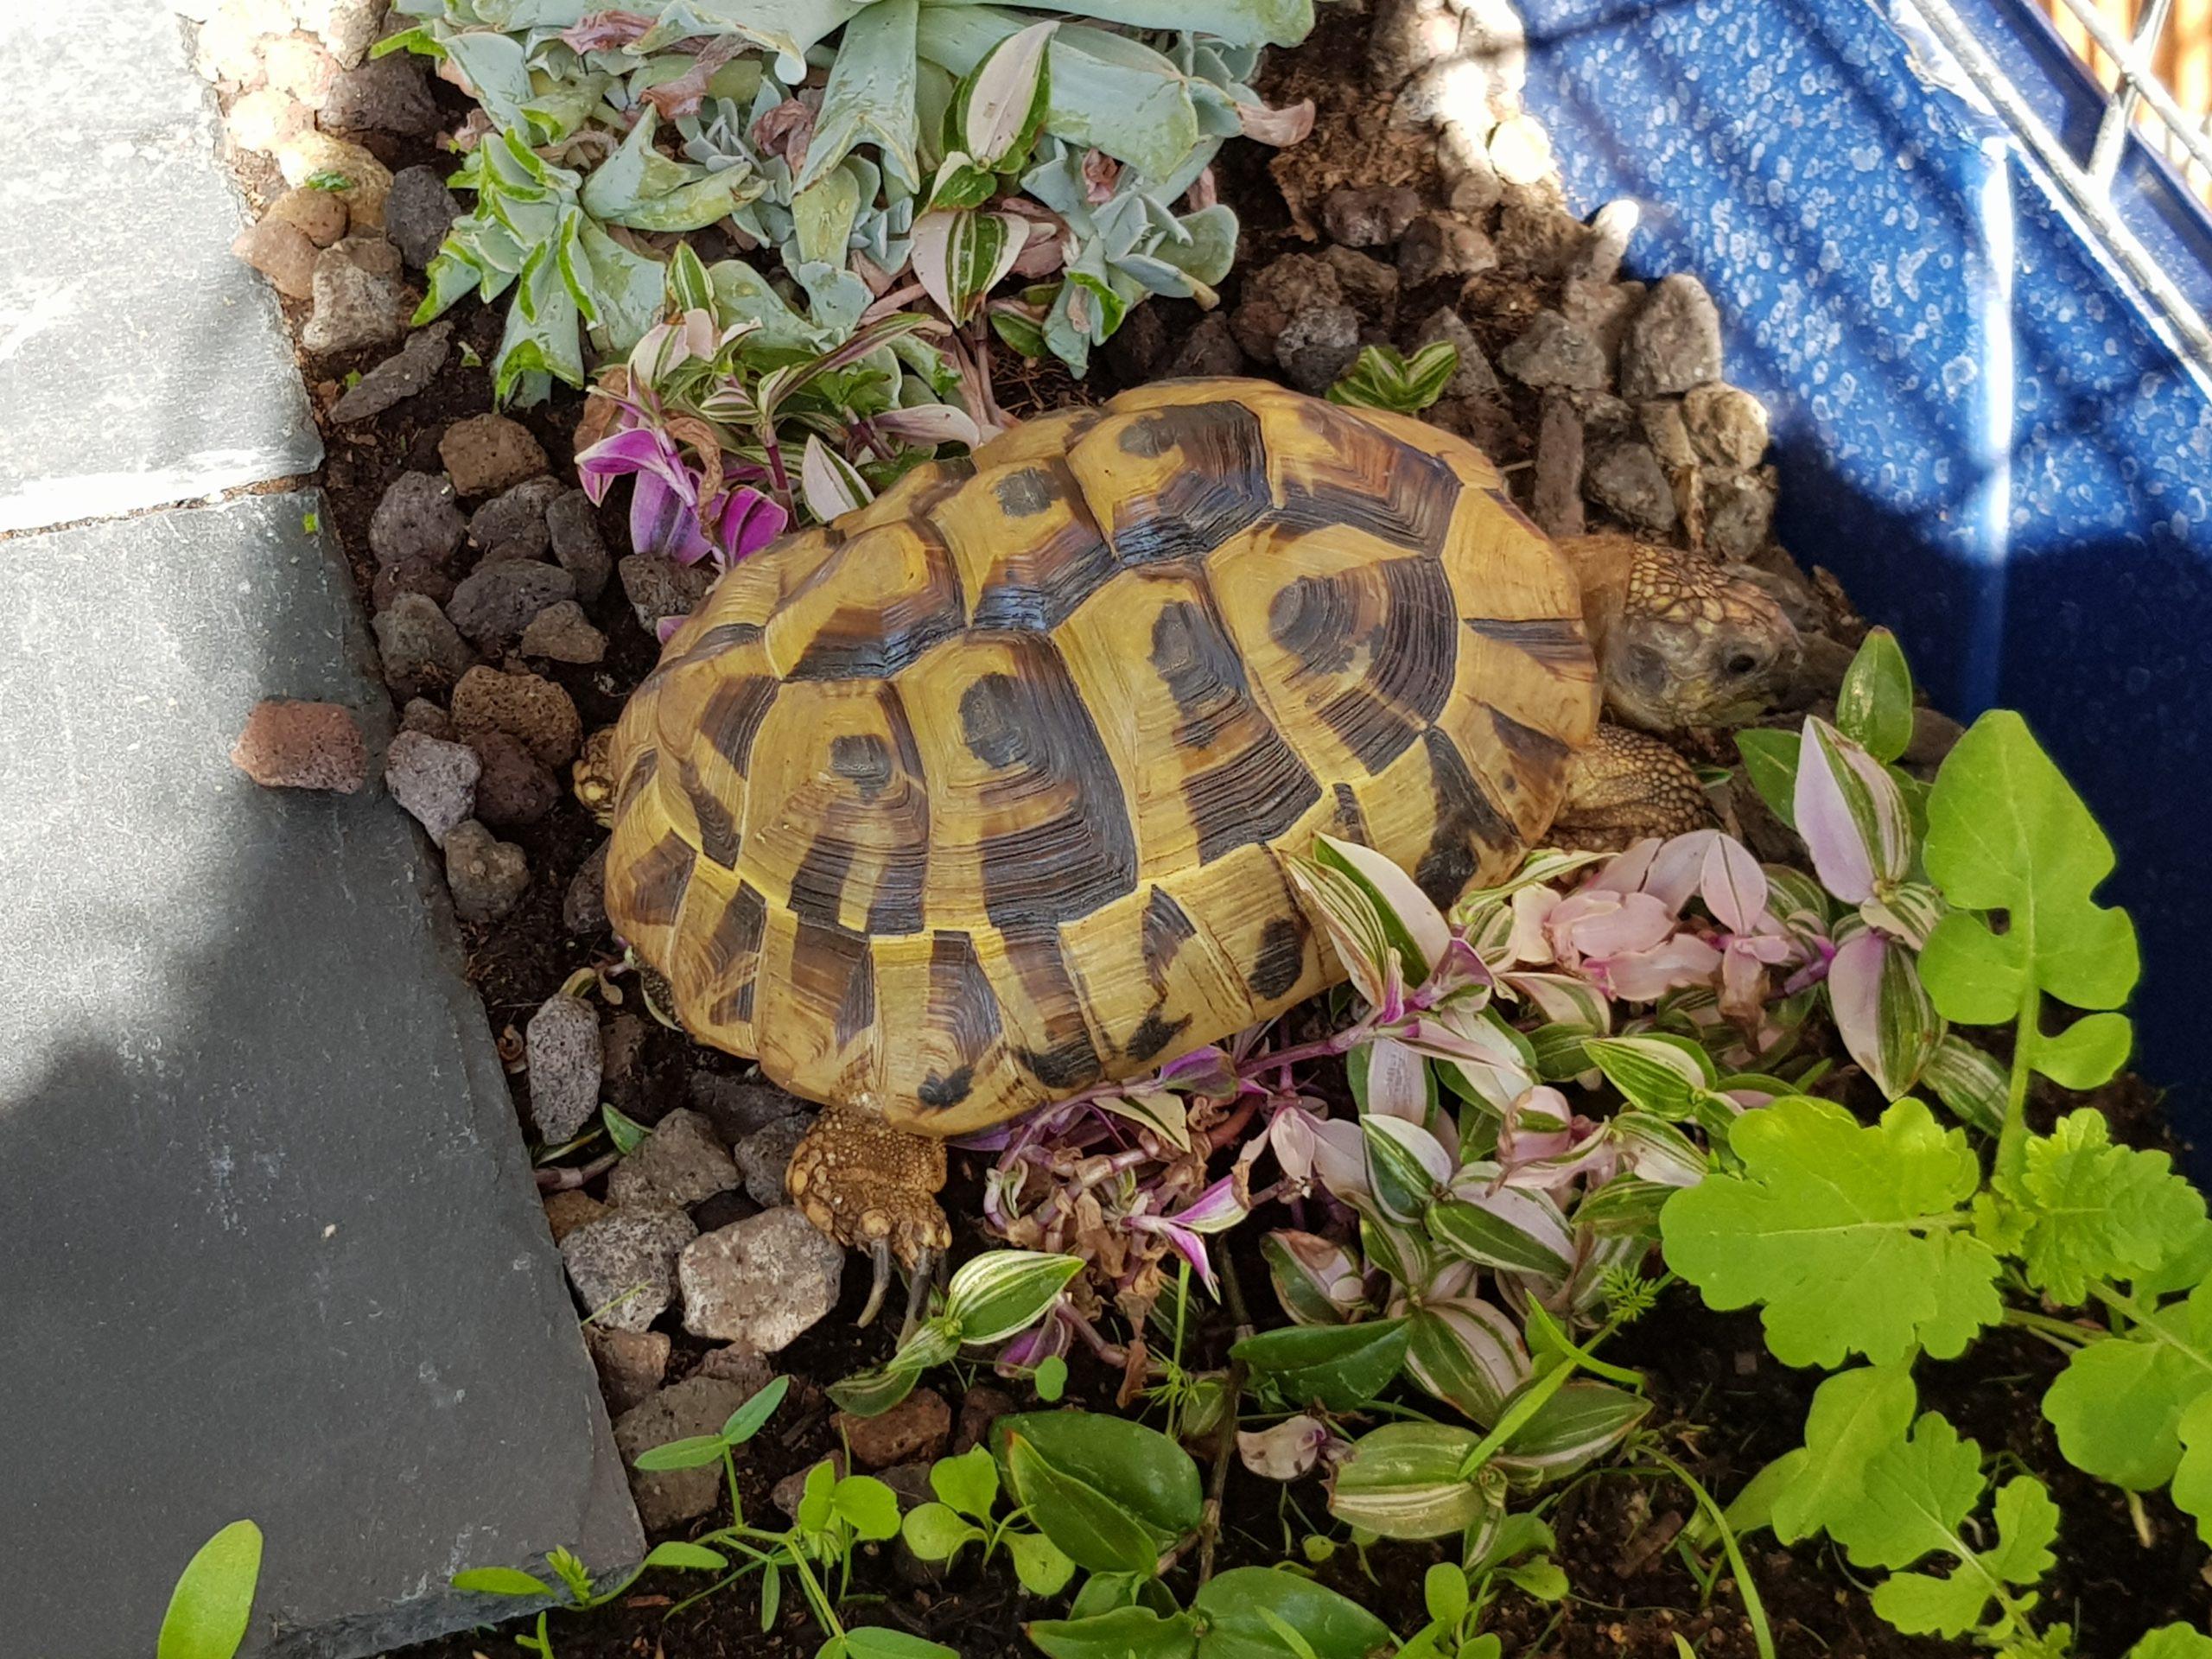 Unsere griechische Landschildkröte Pauline im Schildkröten-Schlaraffenland :)